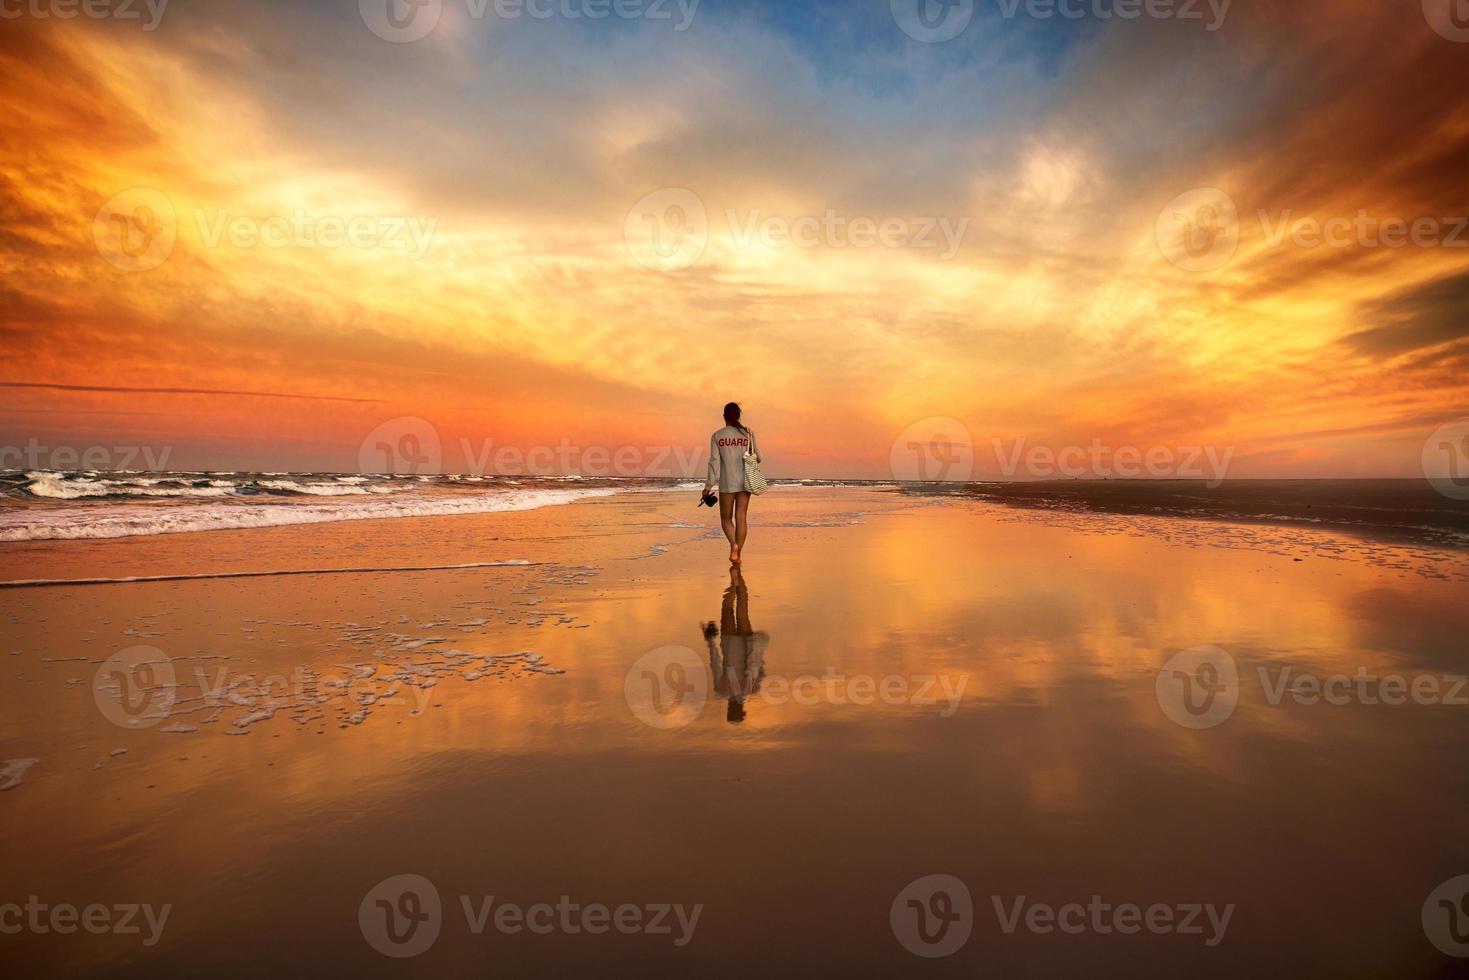 mulher caminhando na praia perto do mar ao pôr do sol foto